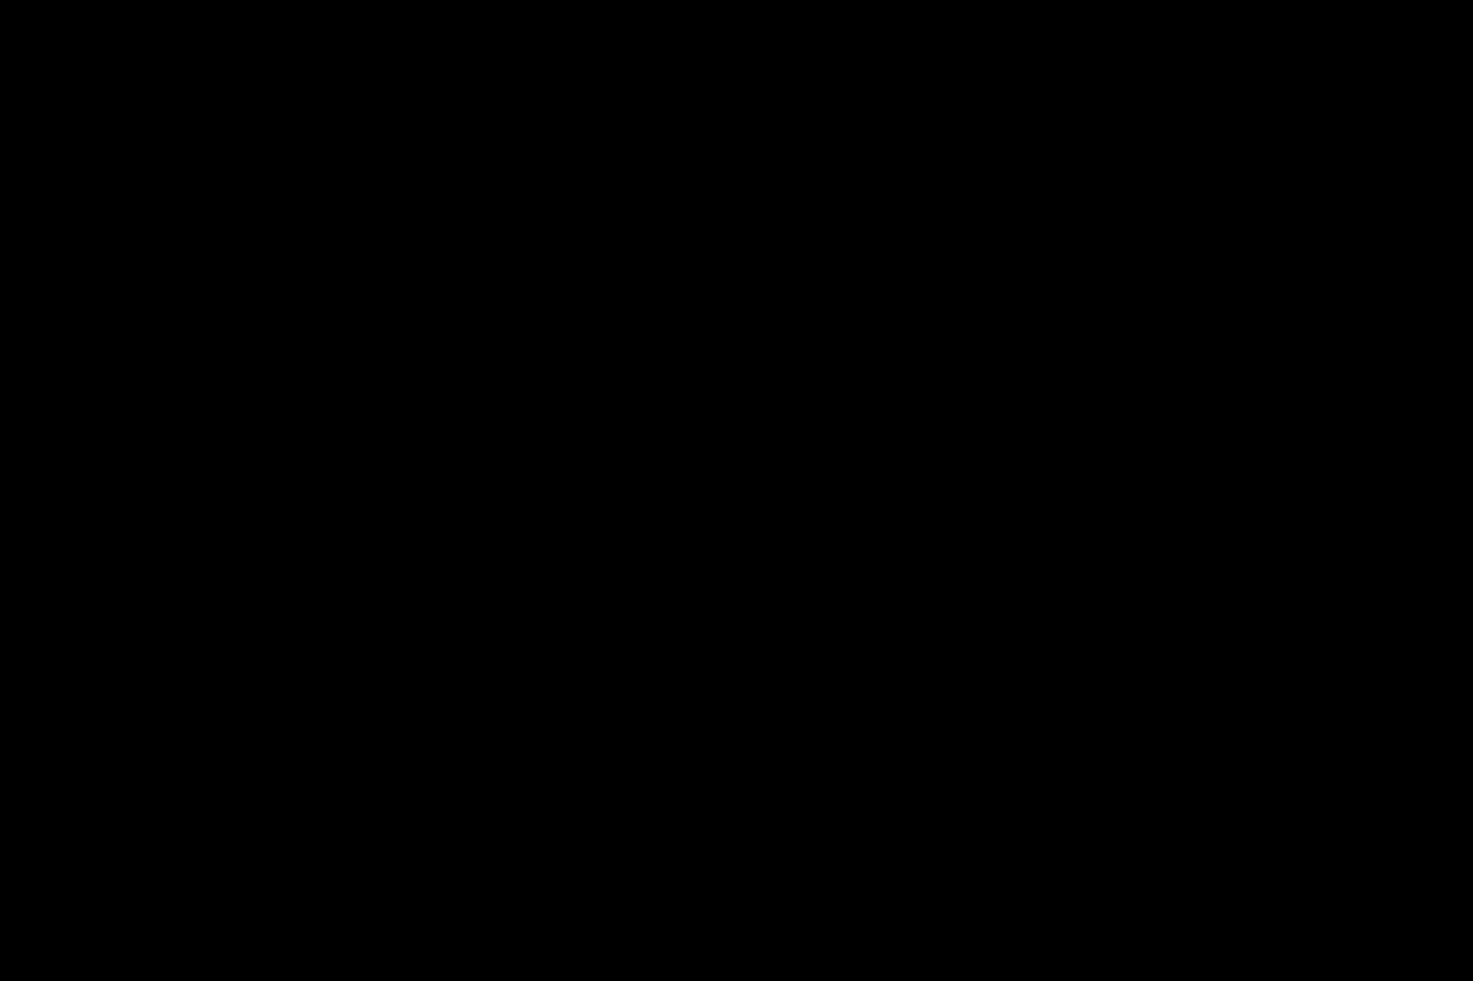 C77504ca-0566-4c9d-84e7-13712ee0d2f5